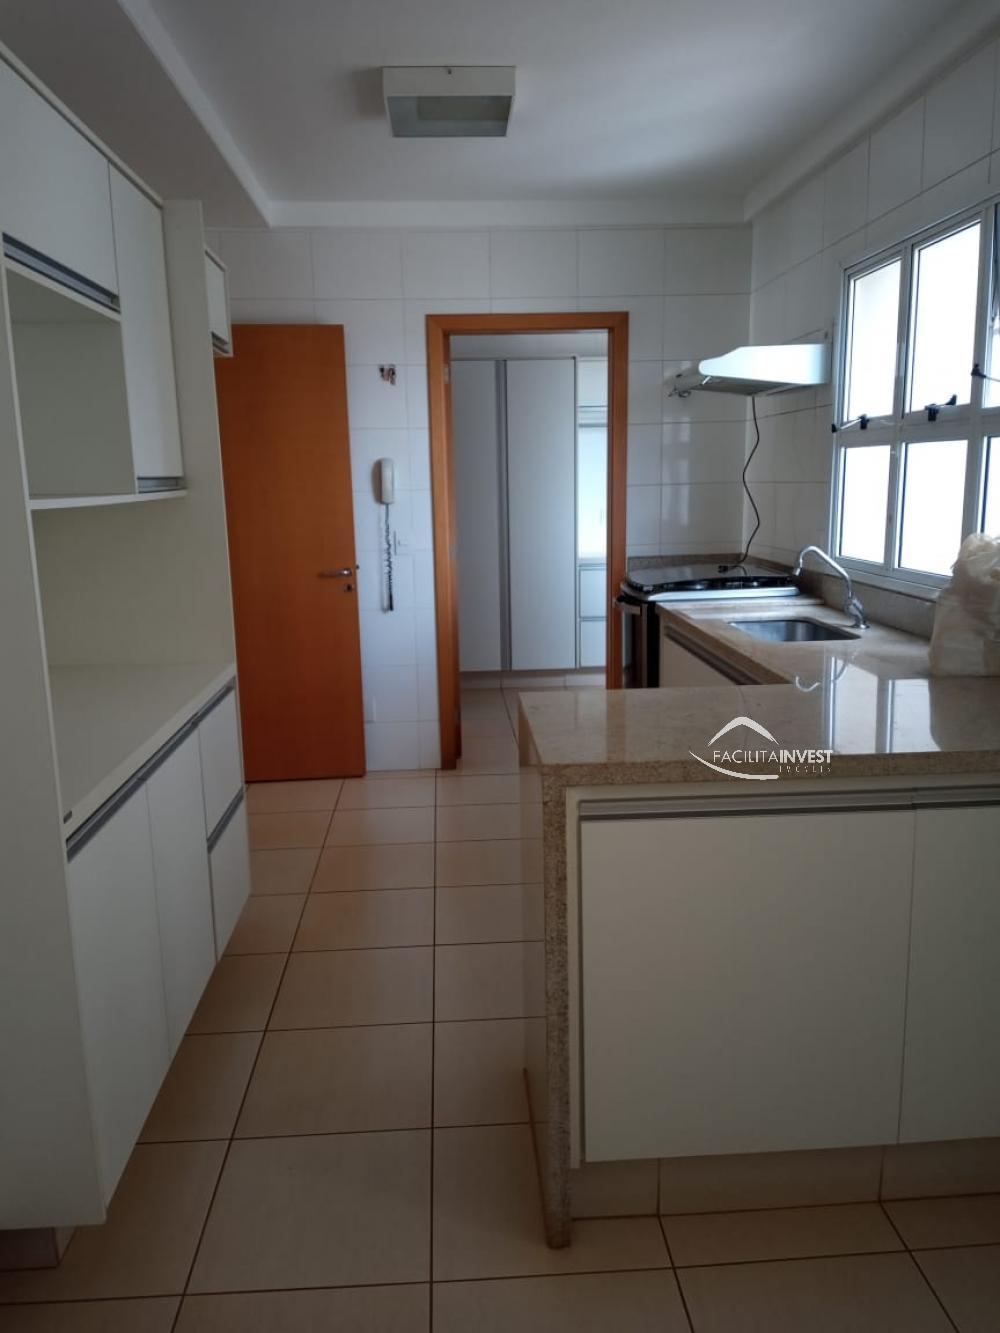 Alugar Apartamentos / Apart. Padrão em Ribeirão Preto apenas R$ 3.800,00 - Foto 7